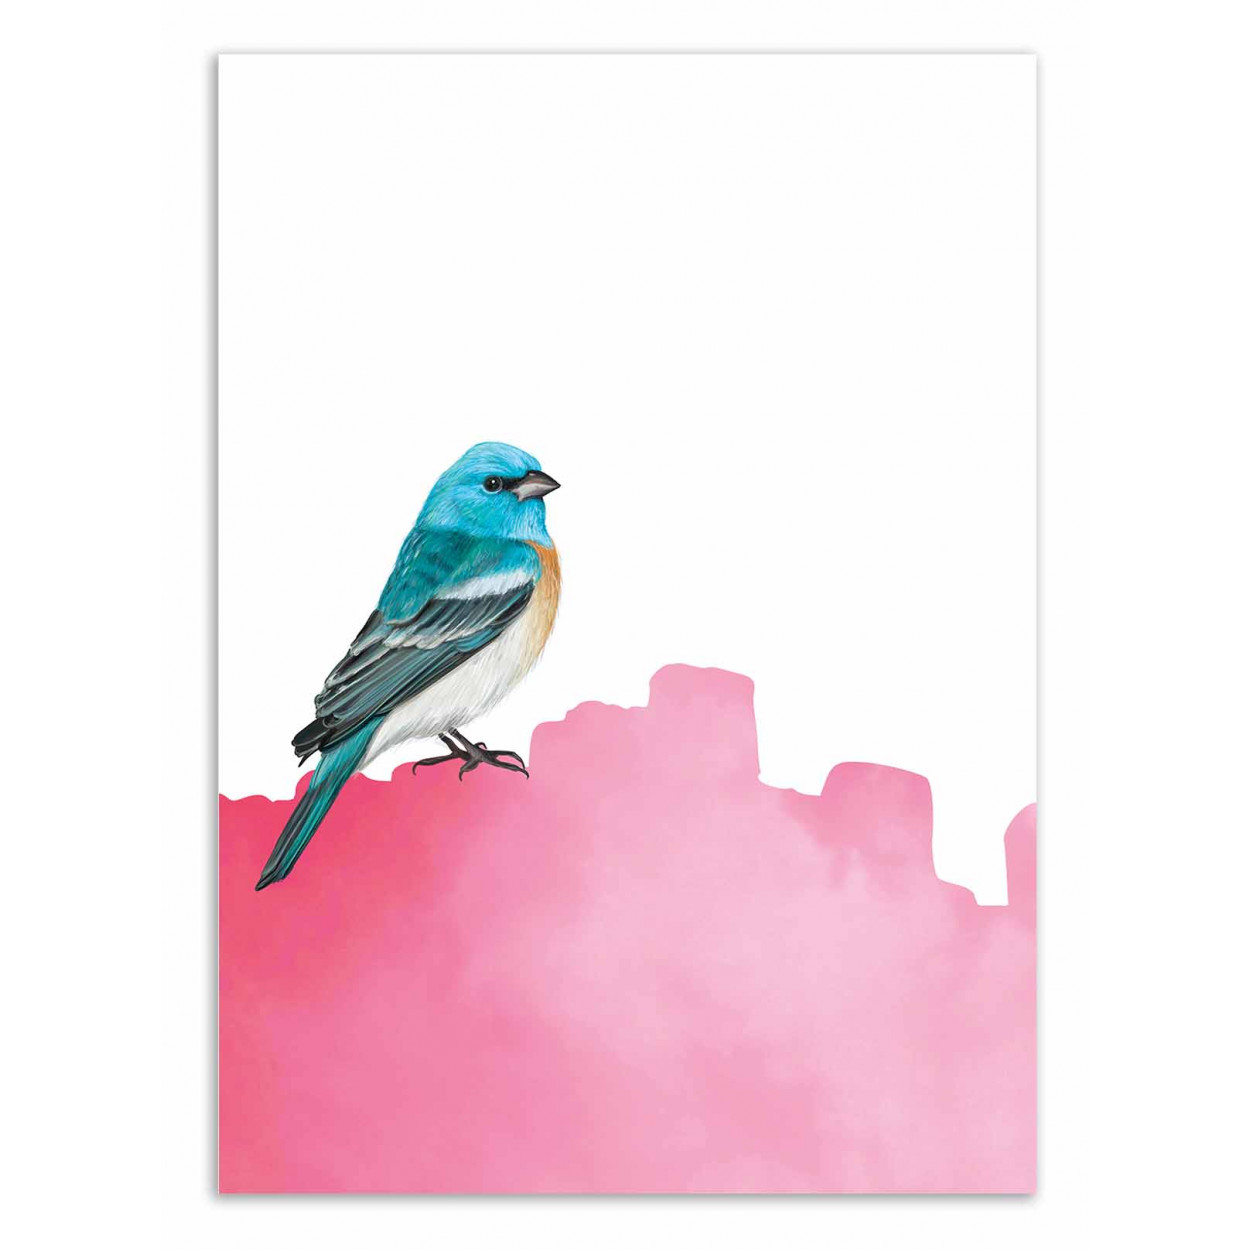 BIRD PINK - SEVEN TREES -  Affiche d'art 50 x 70 cm